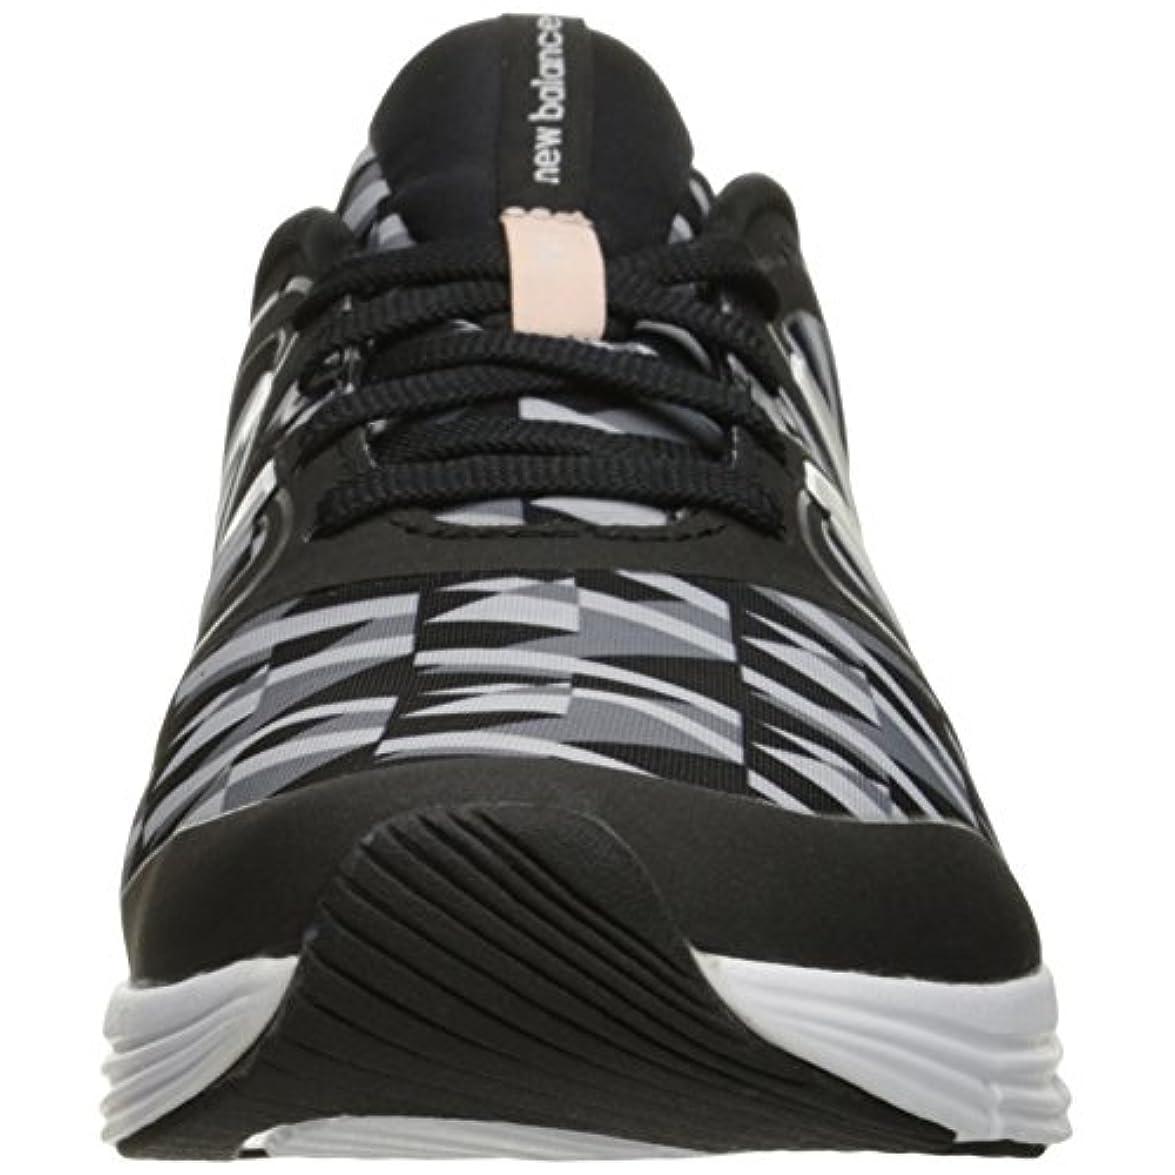 New Balance 711v2 Scarpe Da Running Donna